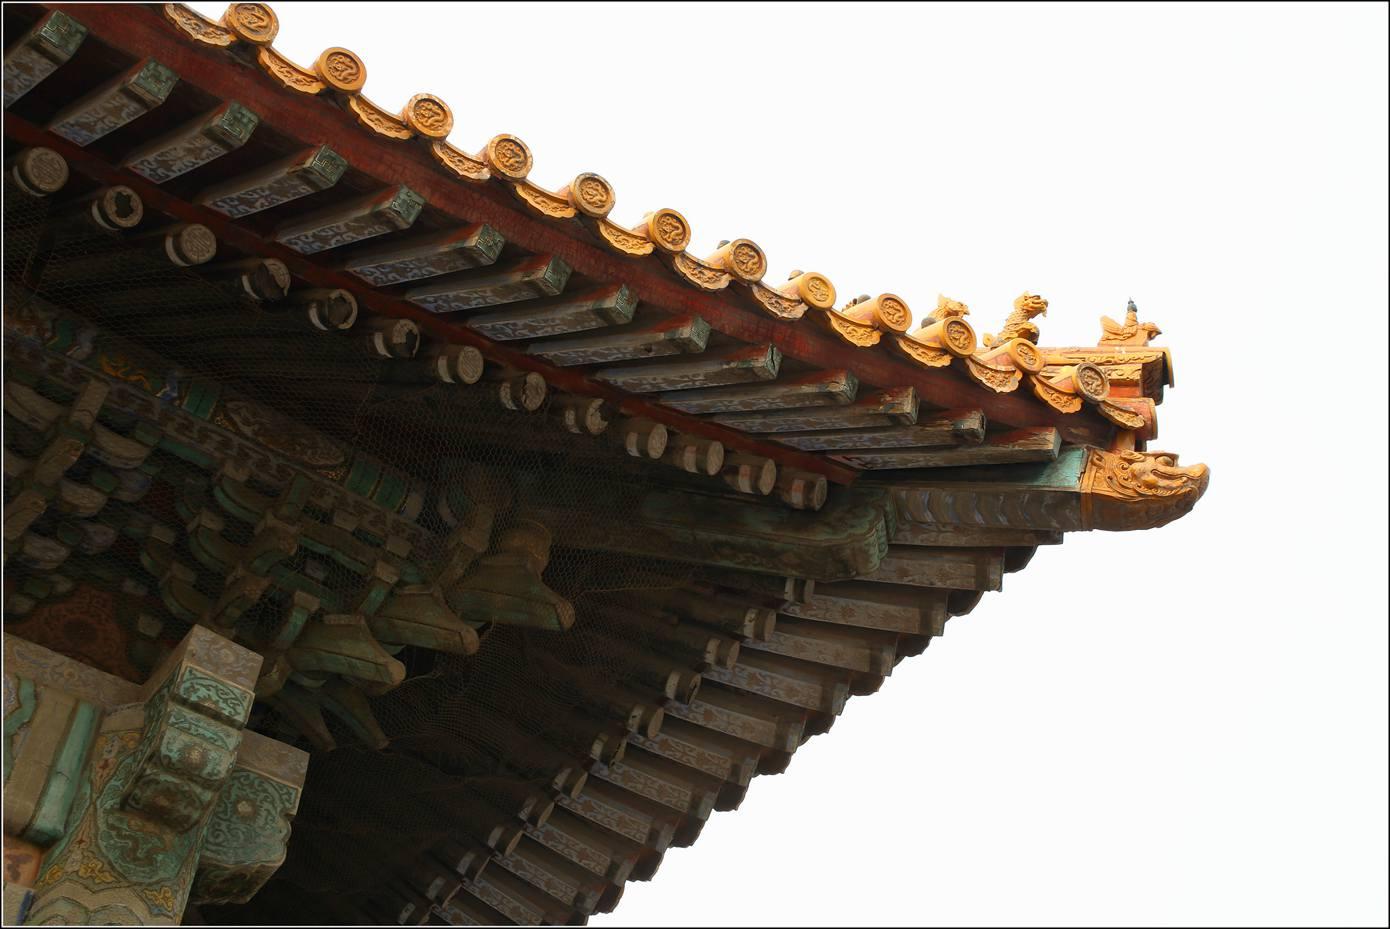 中华传统文化的圣殿故宫 【4】